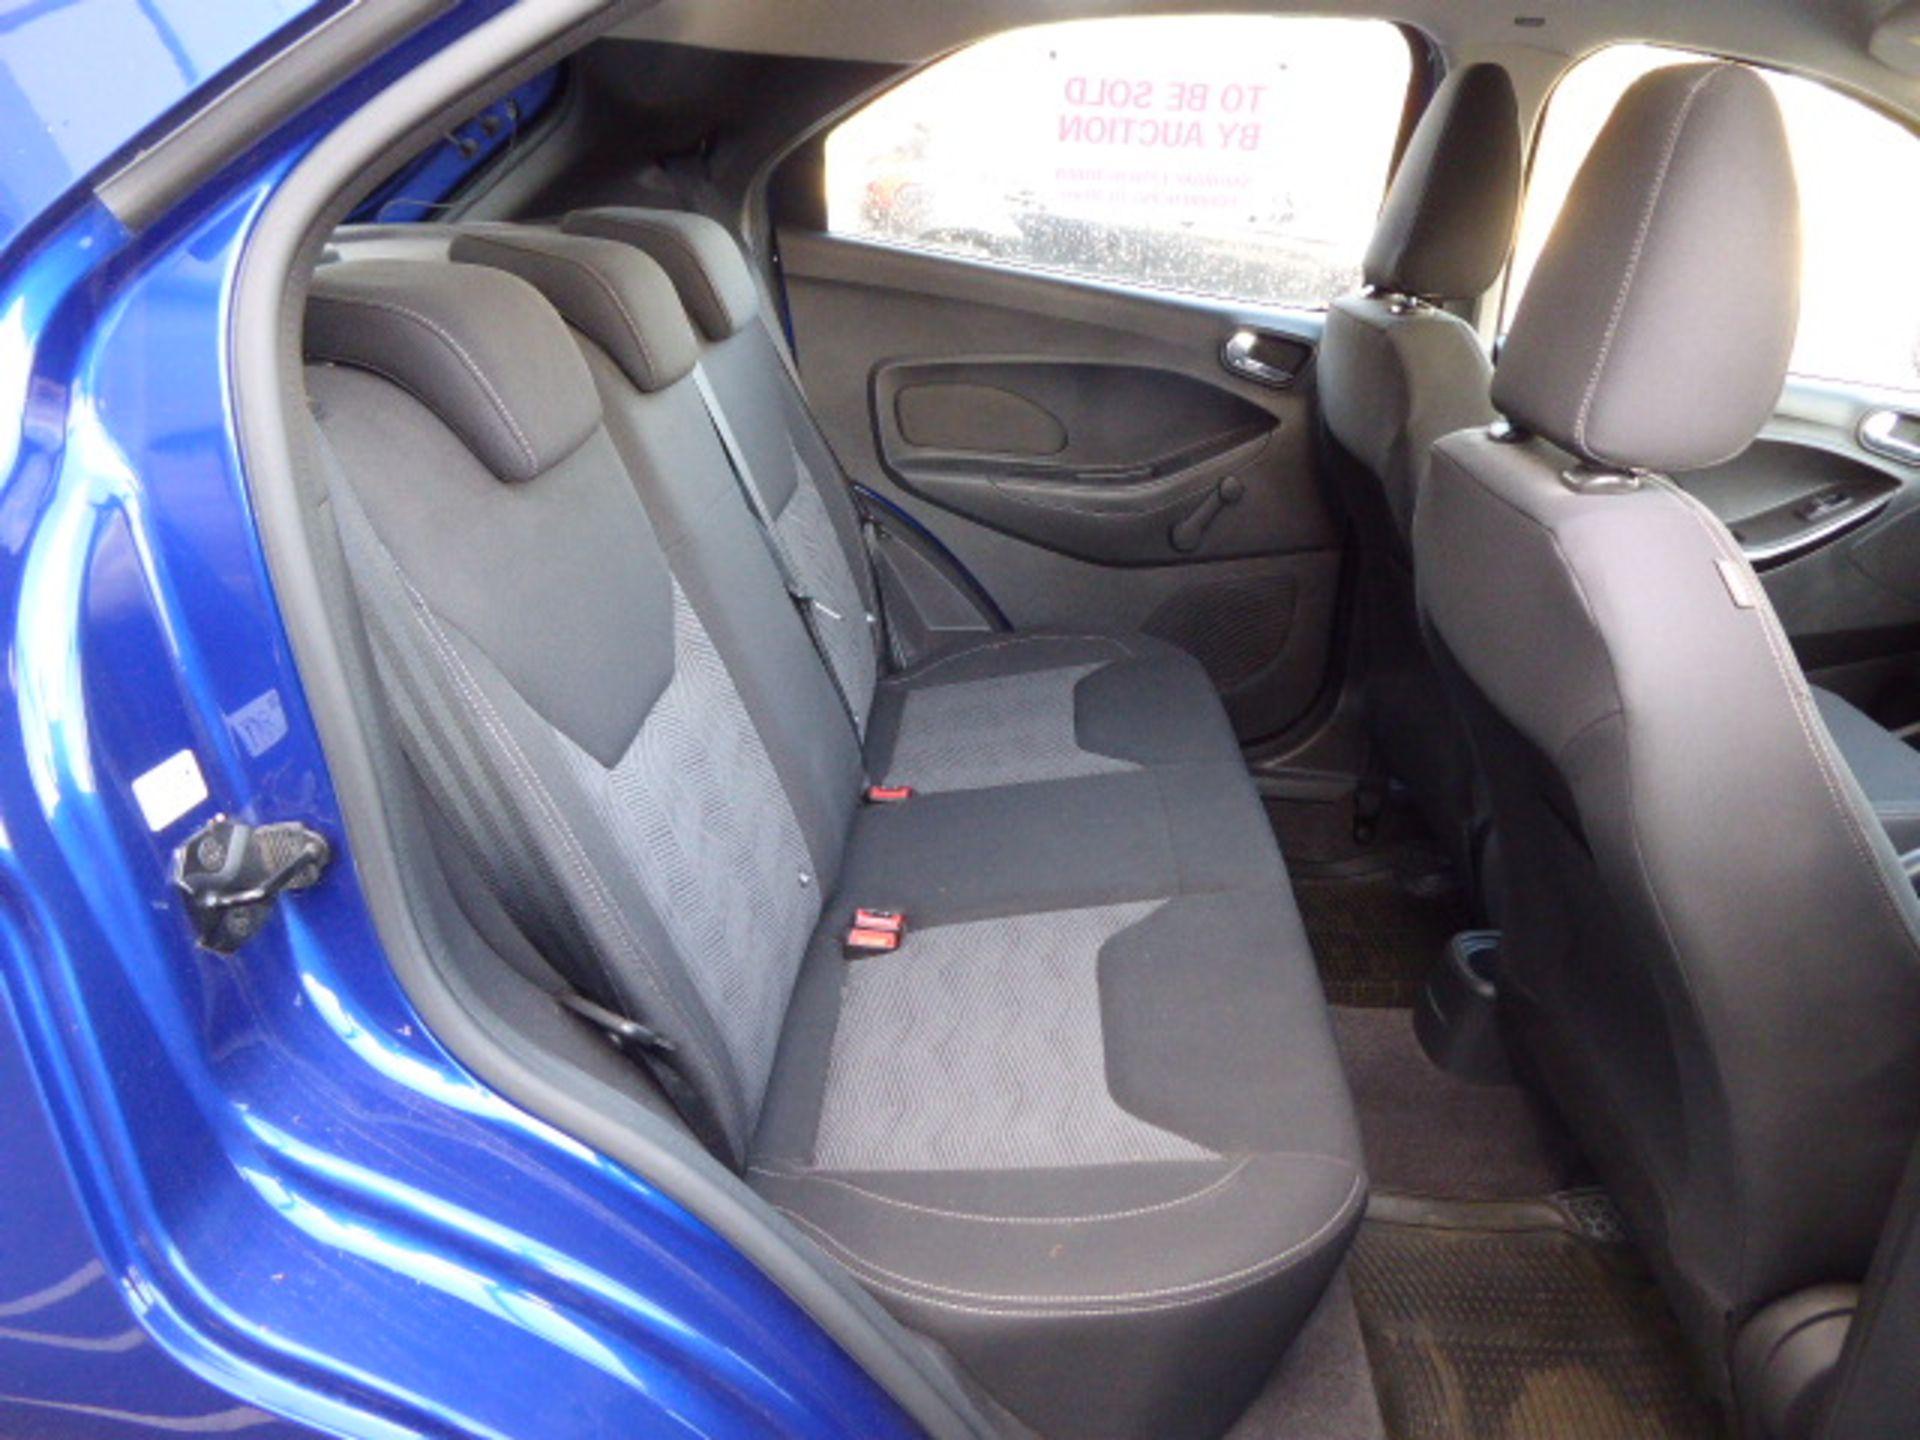 Lot 4004 - KM66 USG (2016) Ford KA + Zetec, 1198cc petrol 5 door hatchback in blue MOT: 31/10/20